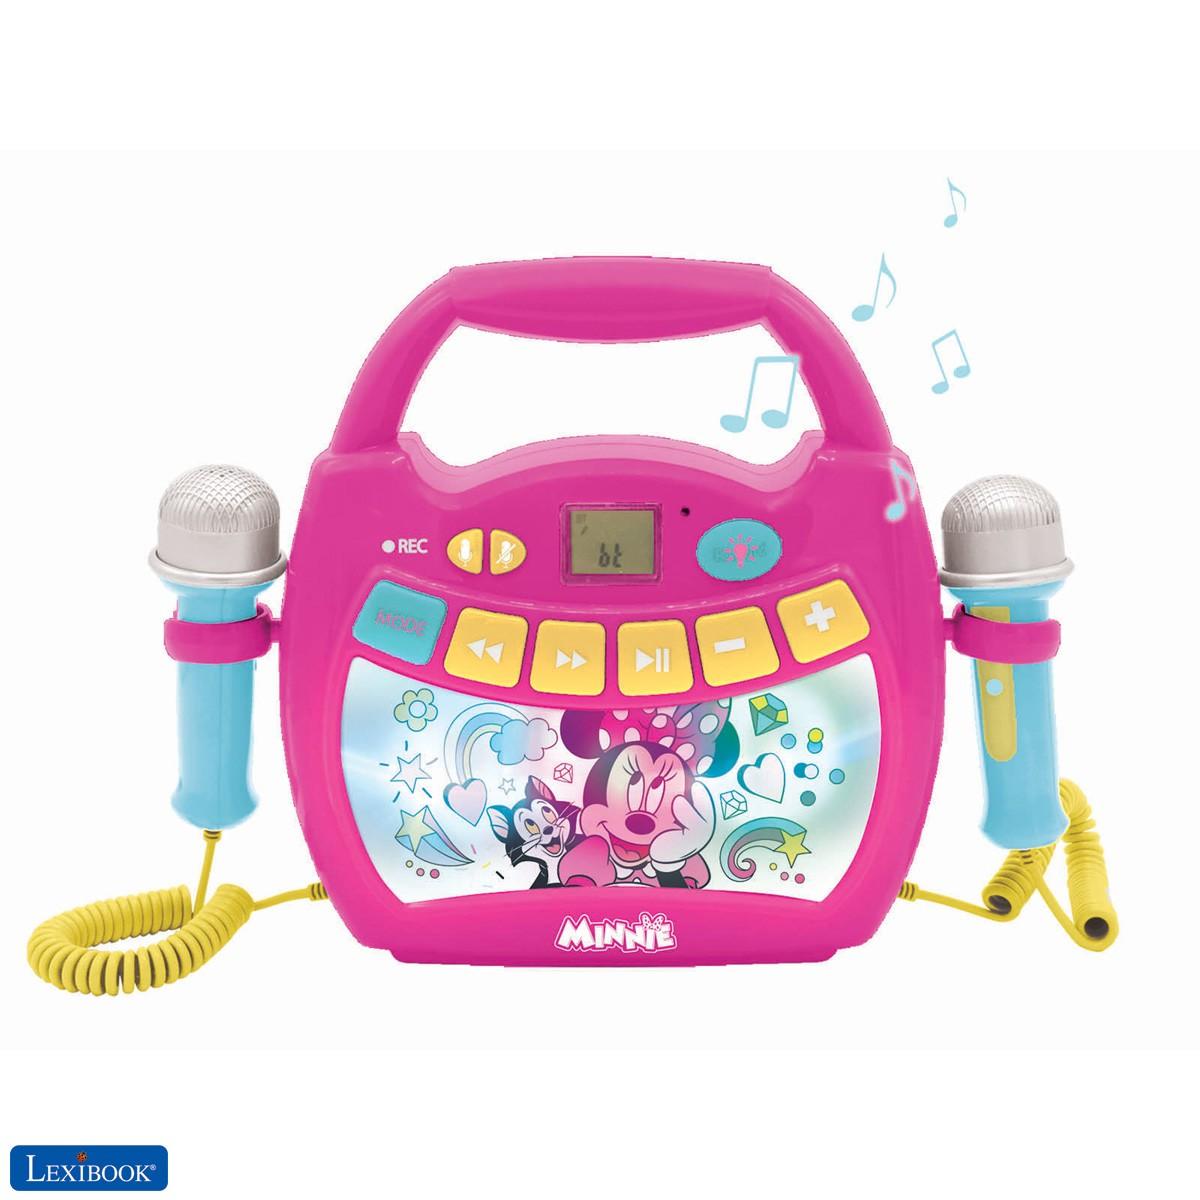 Disney Minnie - Reproductor de música de karaoke portátil para niños